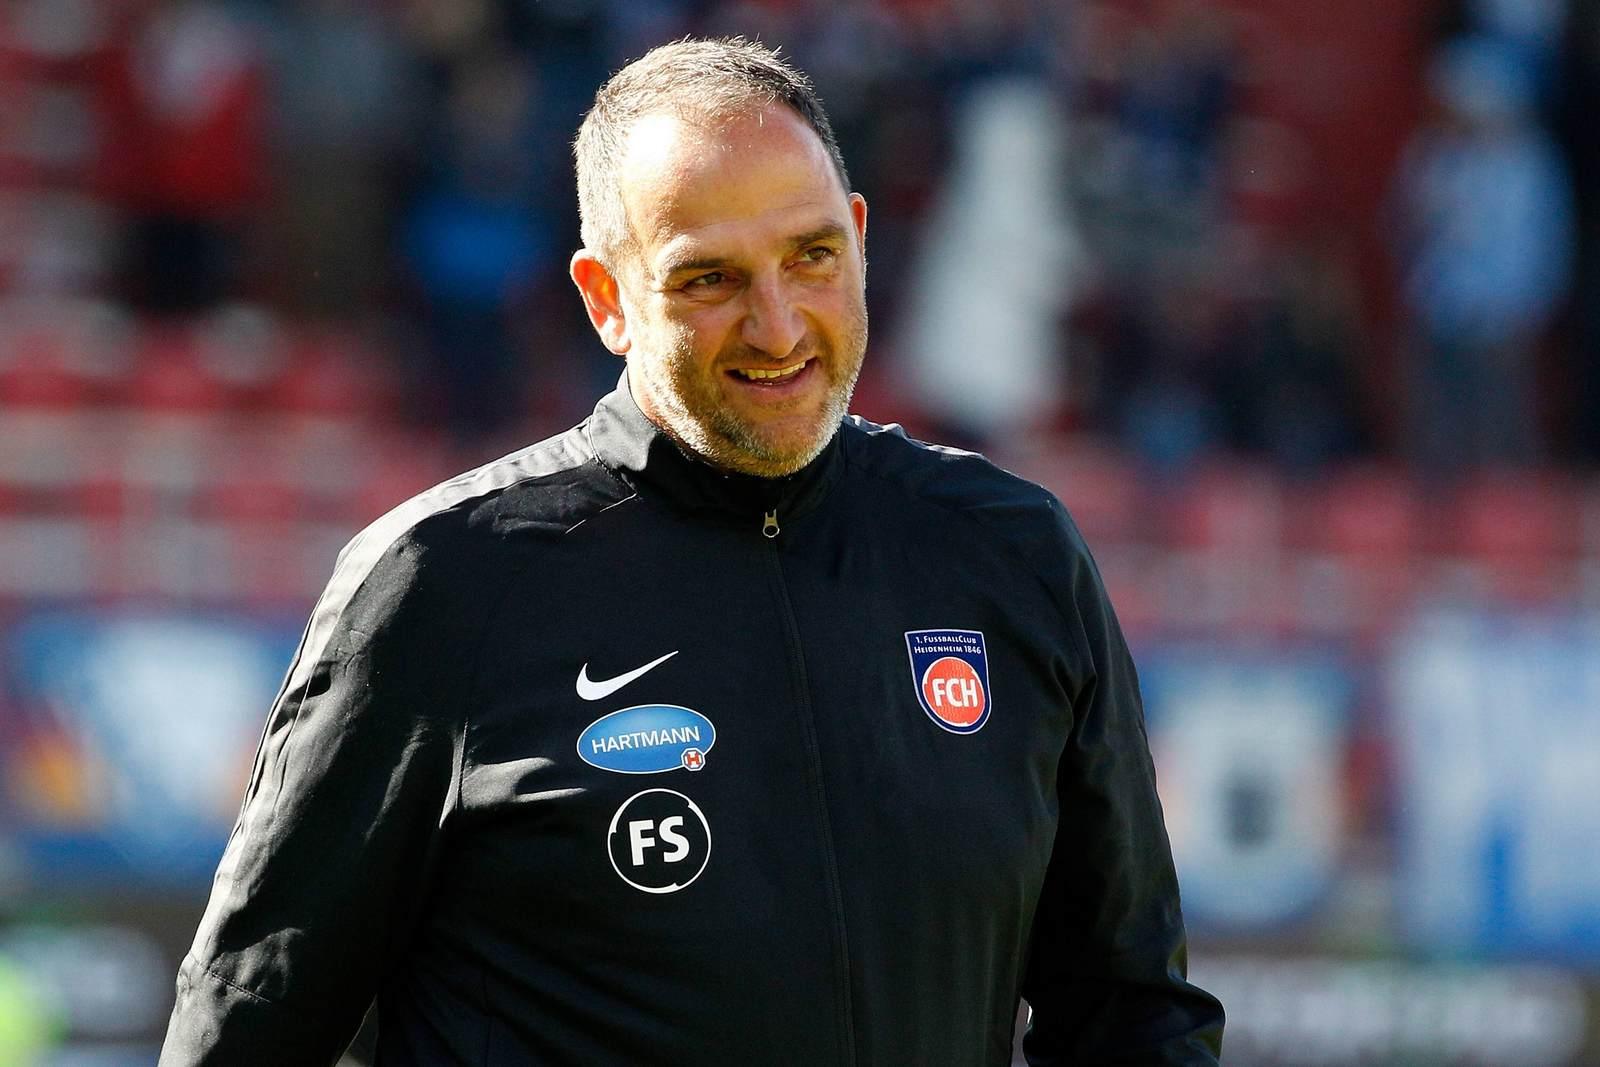 Frank Schmidt vom FC Heidenheim